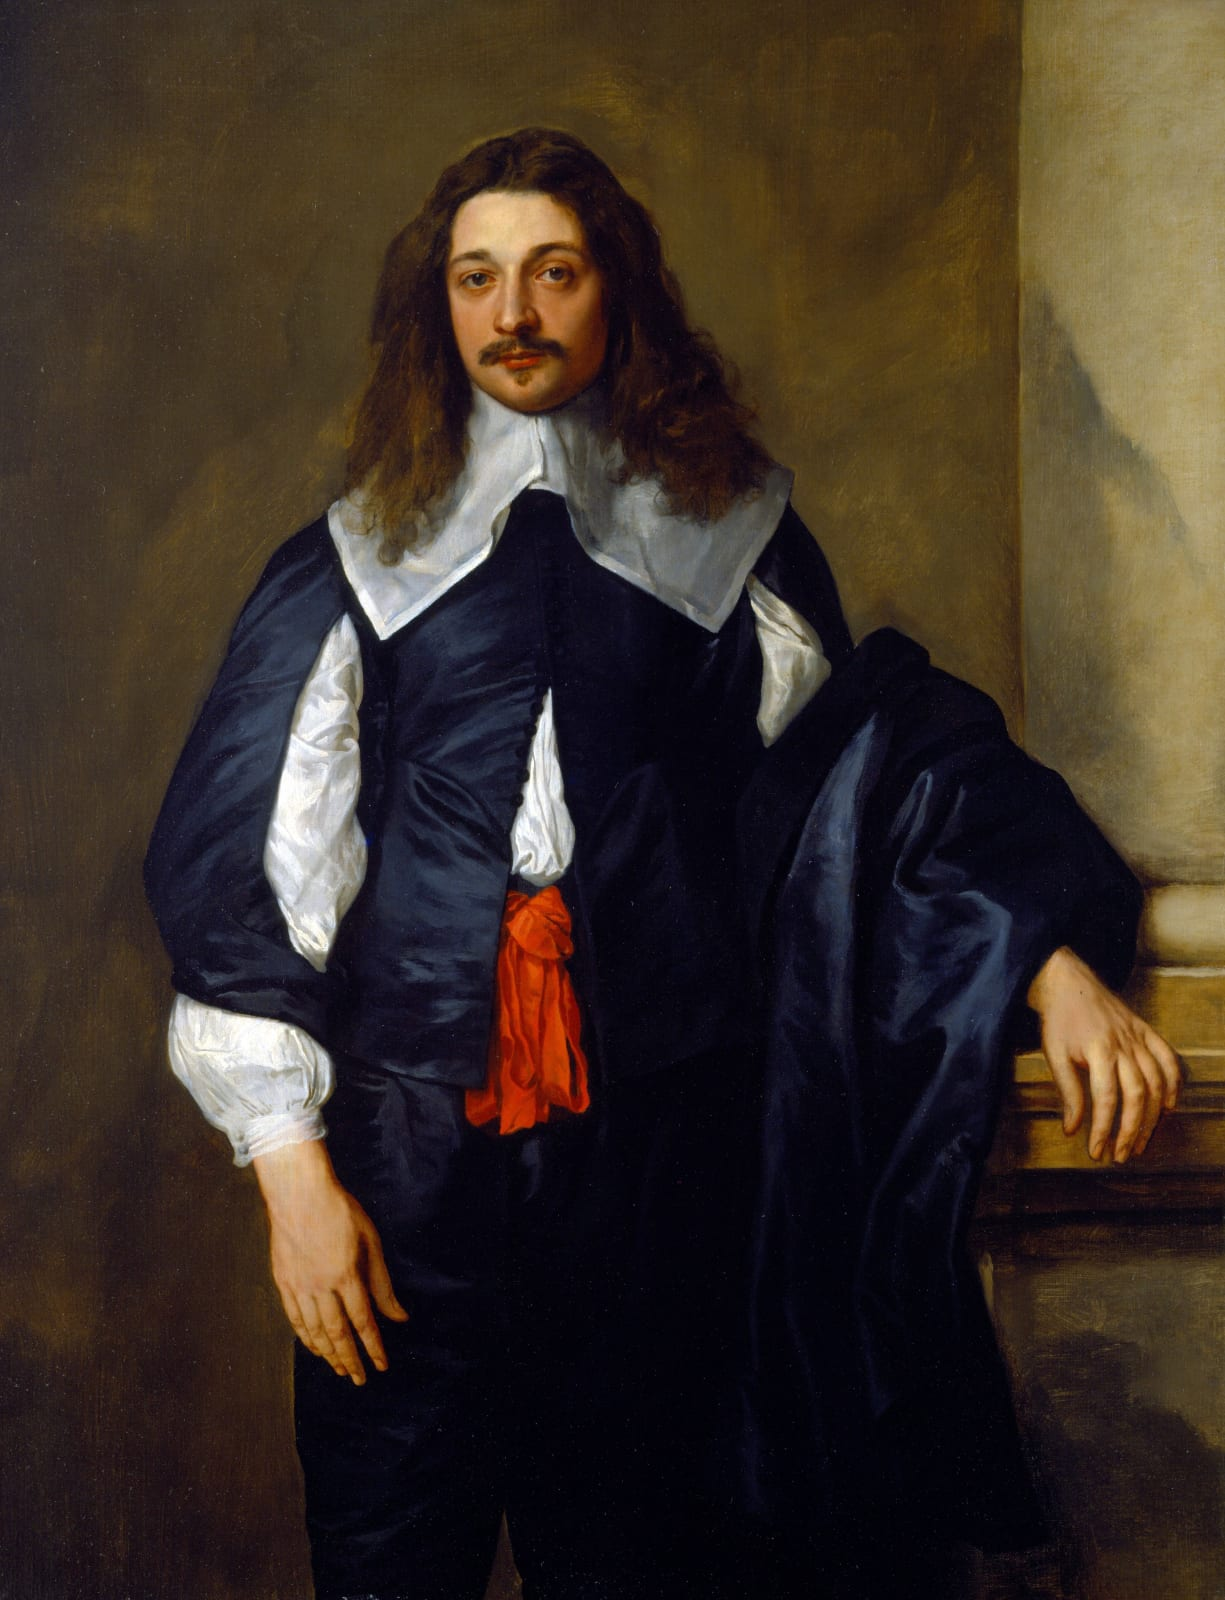 Pompone Il de Bellievre, Chevalier Seigneur de Grignon (1606 - 1657)